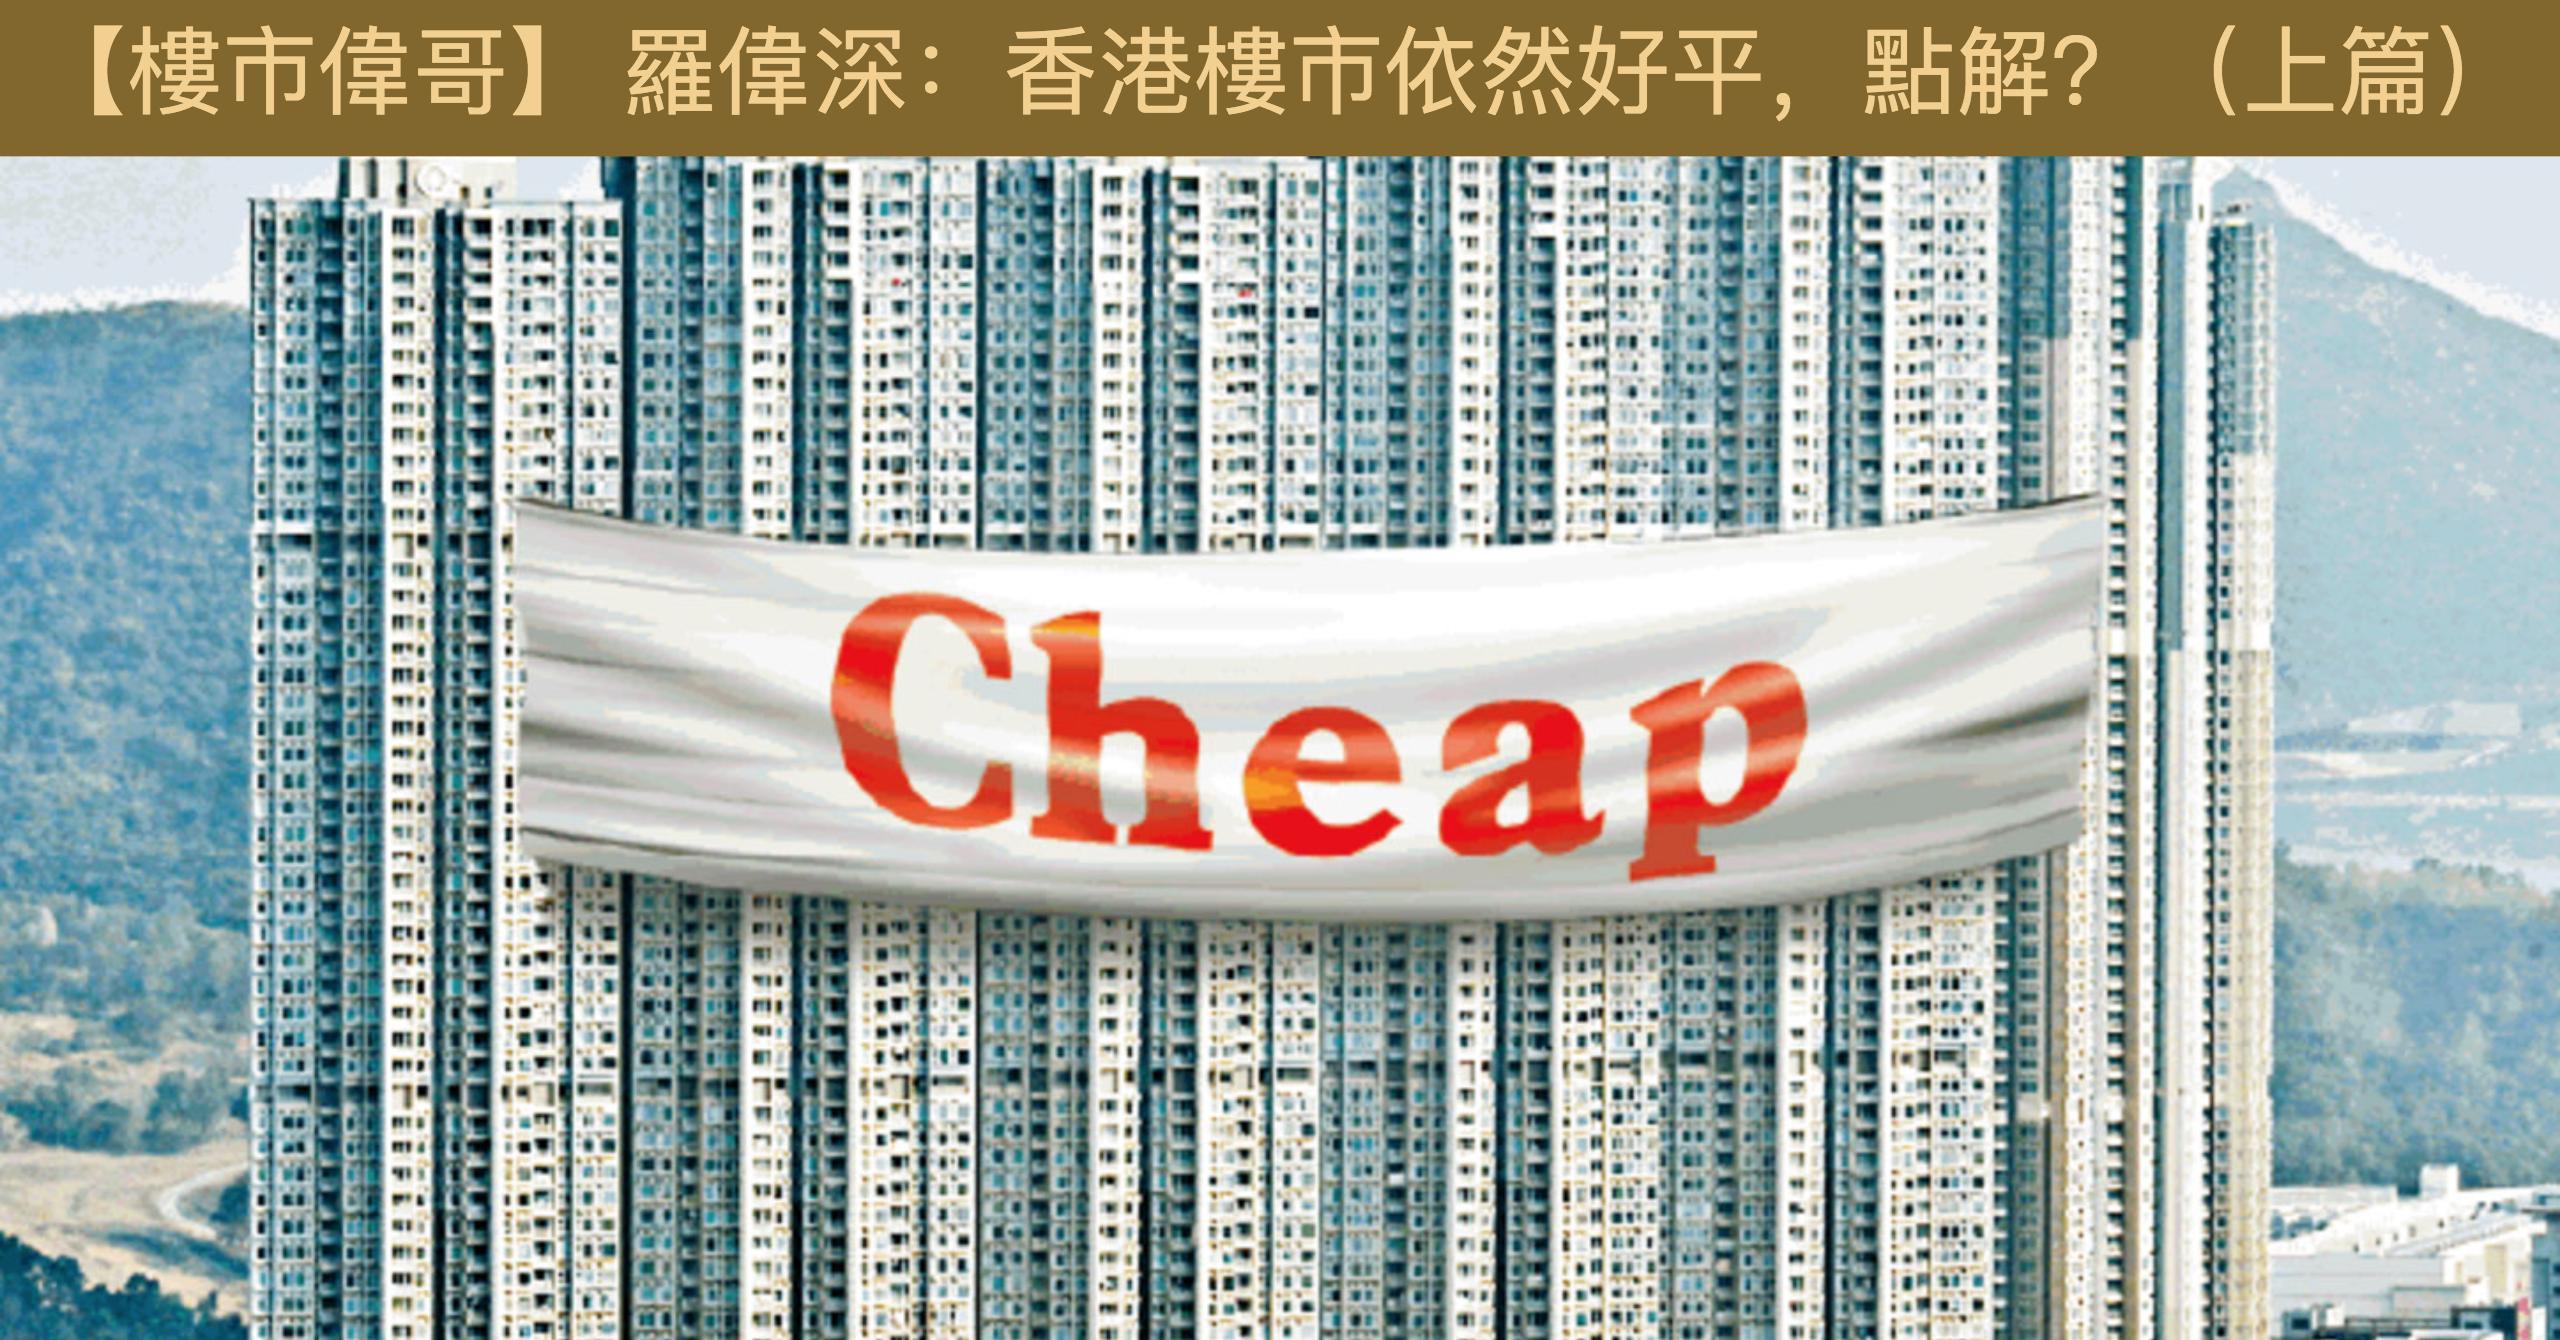 【樓市偉哥】 羅偉深:香港樓市依然好平,點解?(上篇)